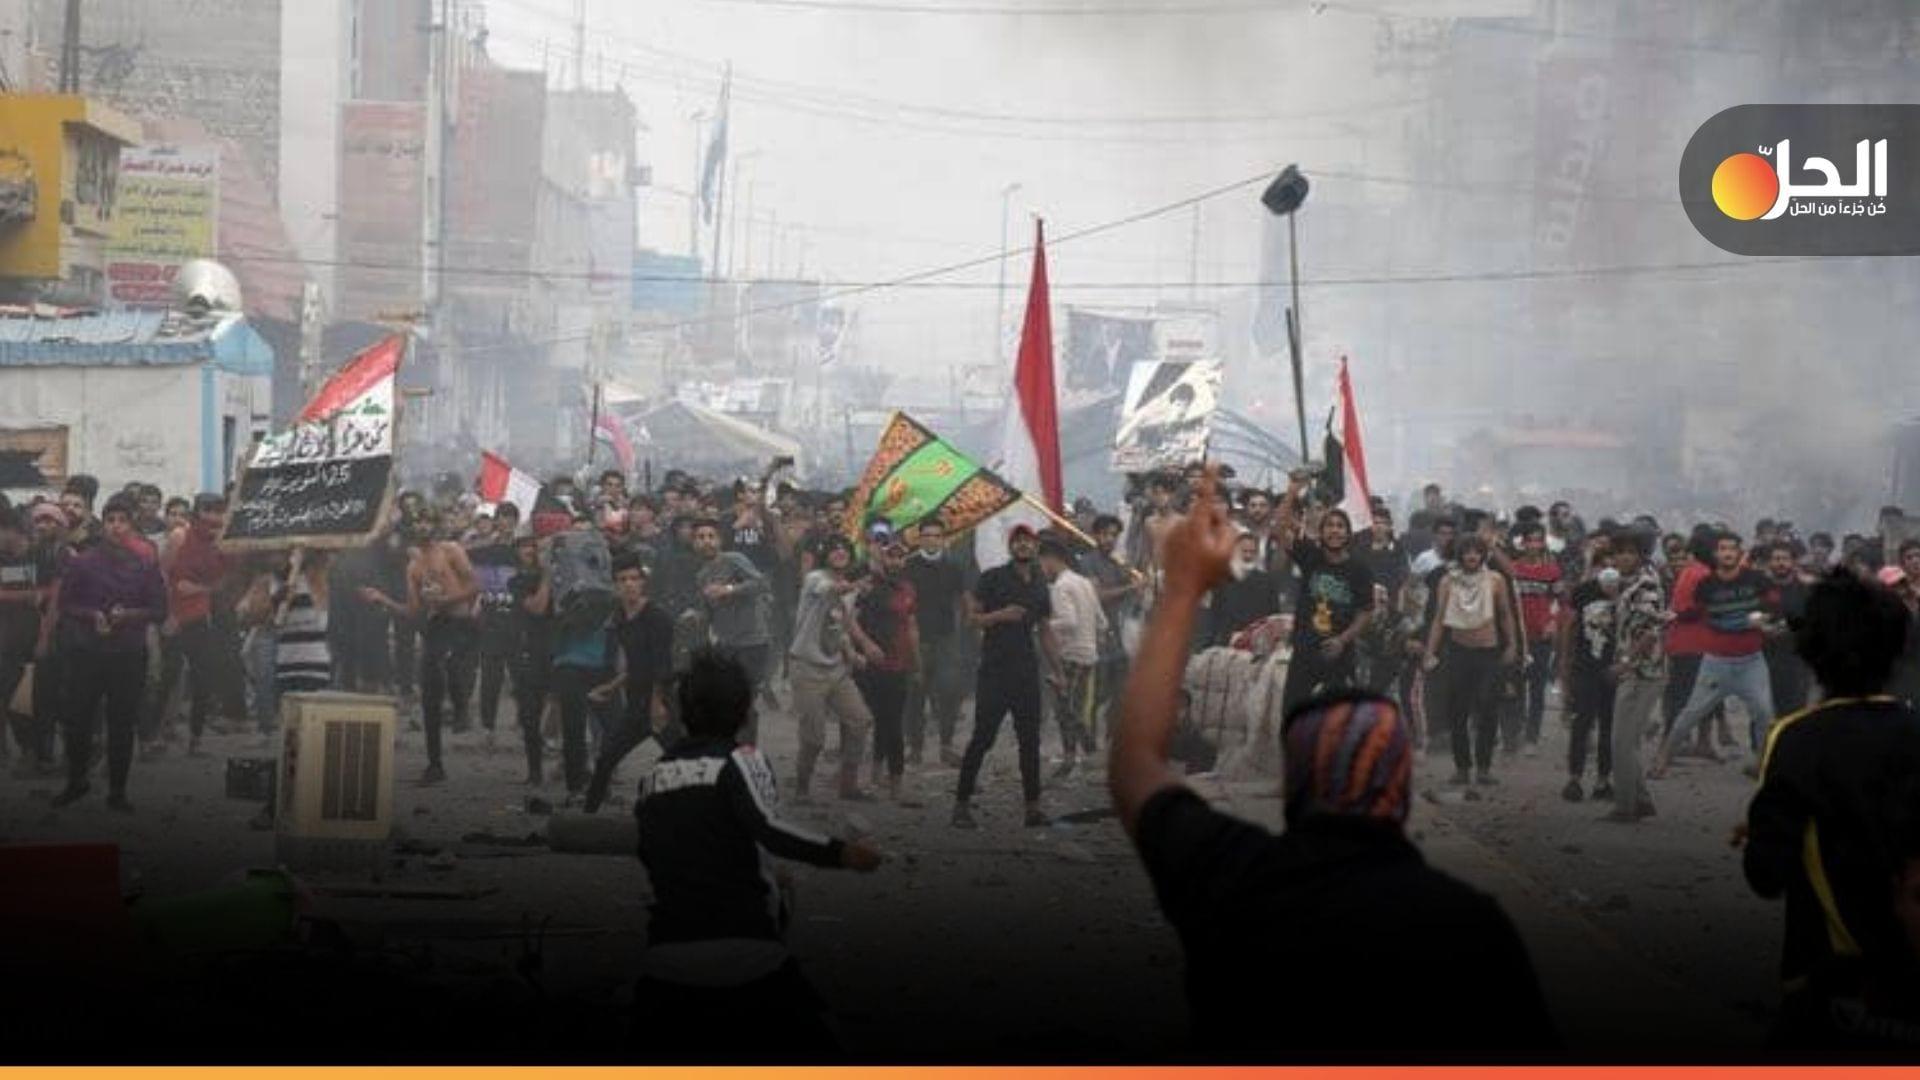 التيار الصدري يواصل تفجير منازل الناشطين والمتظاهرين في الناصرية